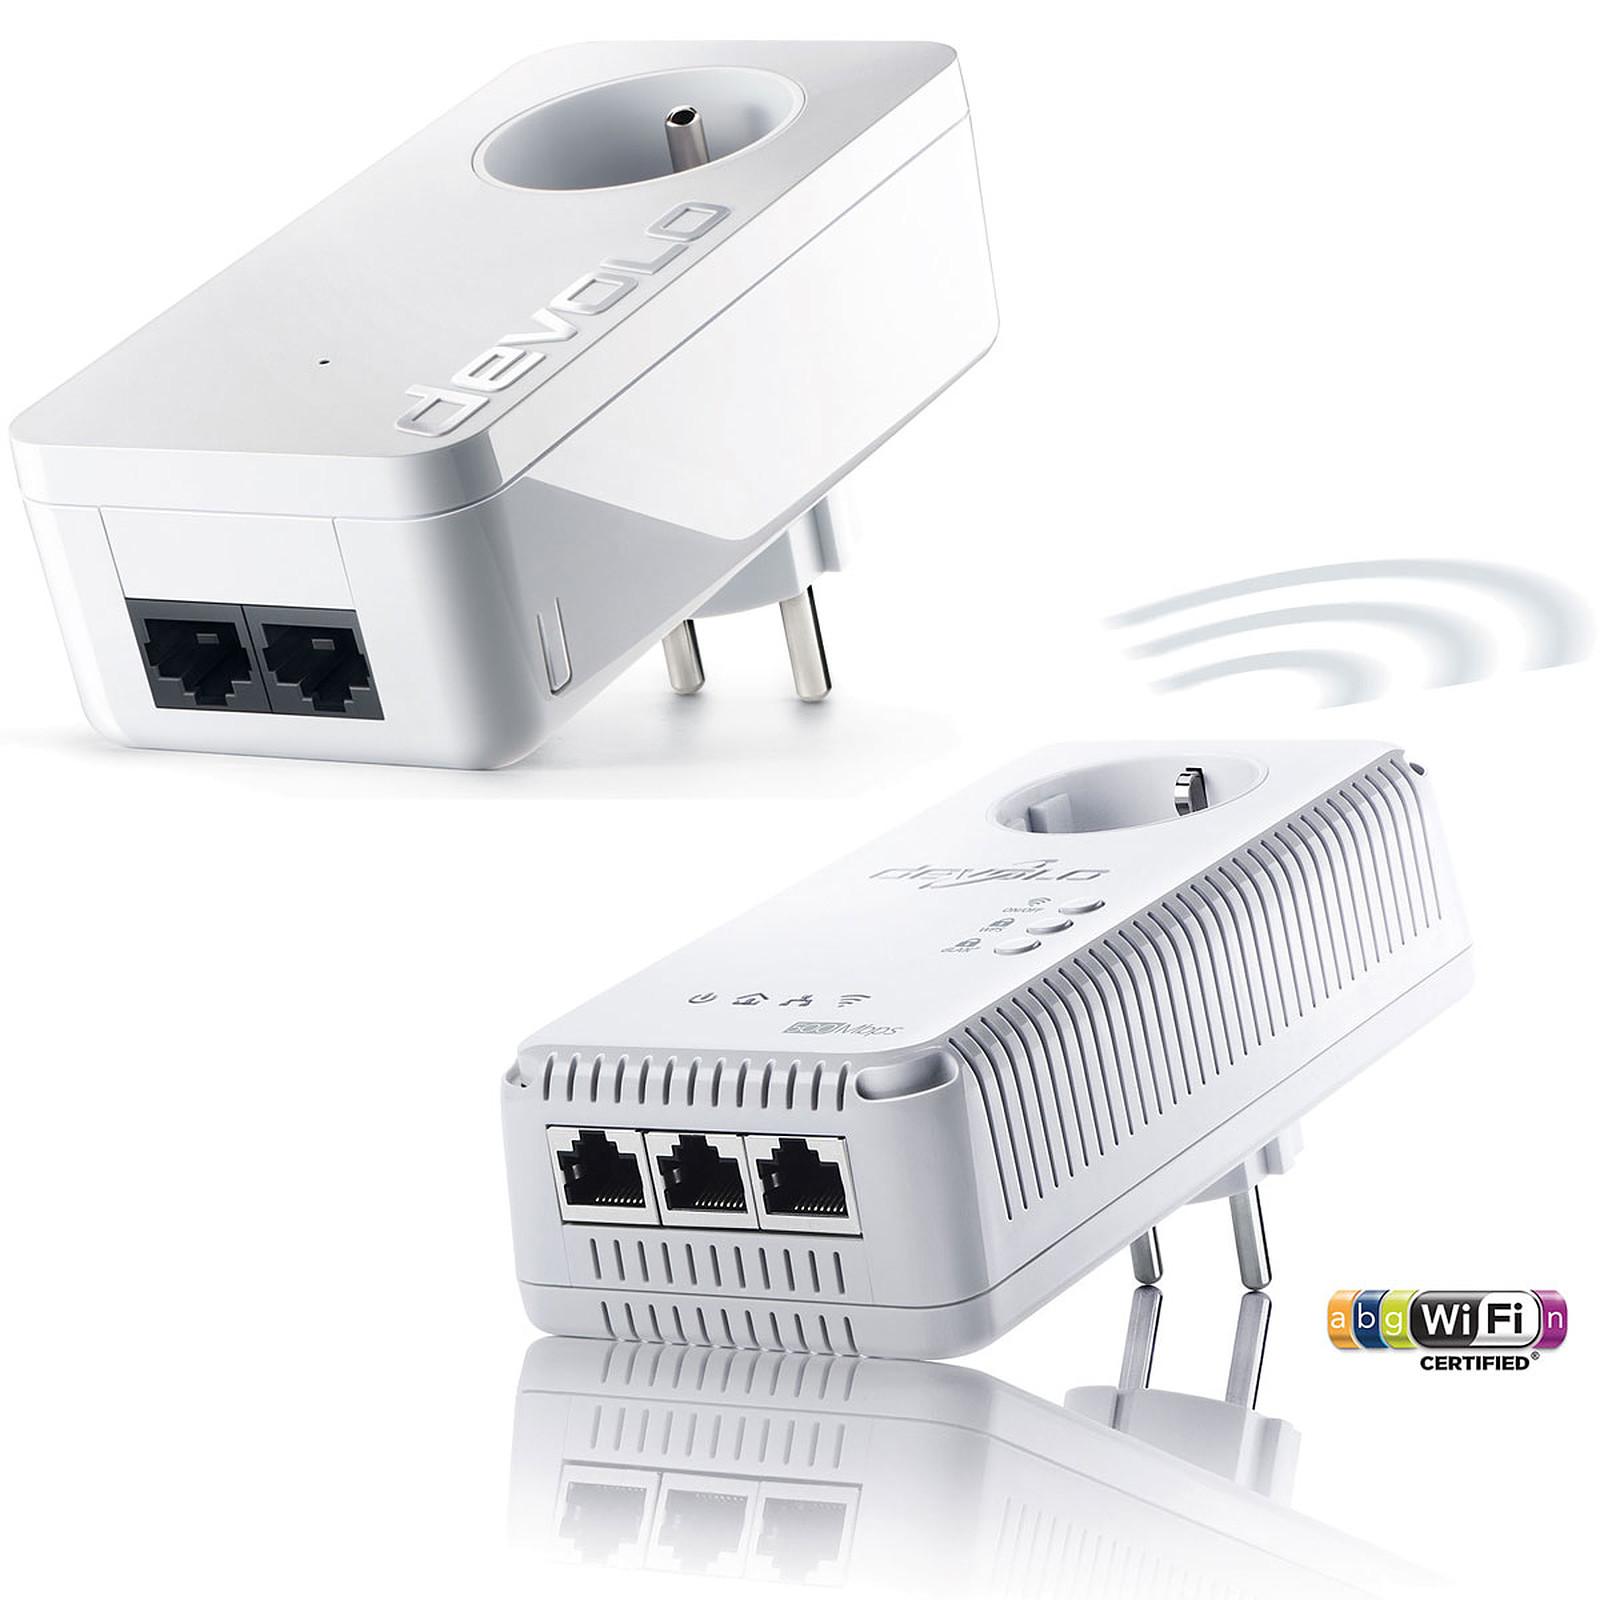 Devolo dLAN 500 AV Wireless+ + Devolo dLAN 550 duo+